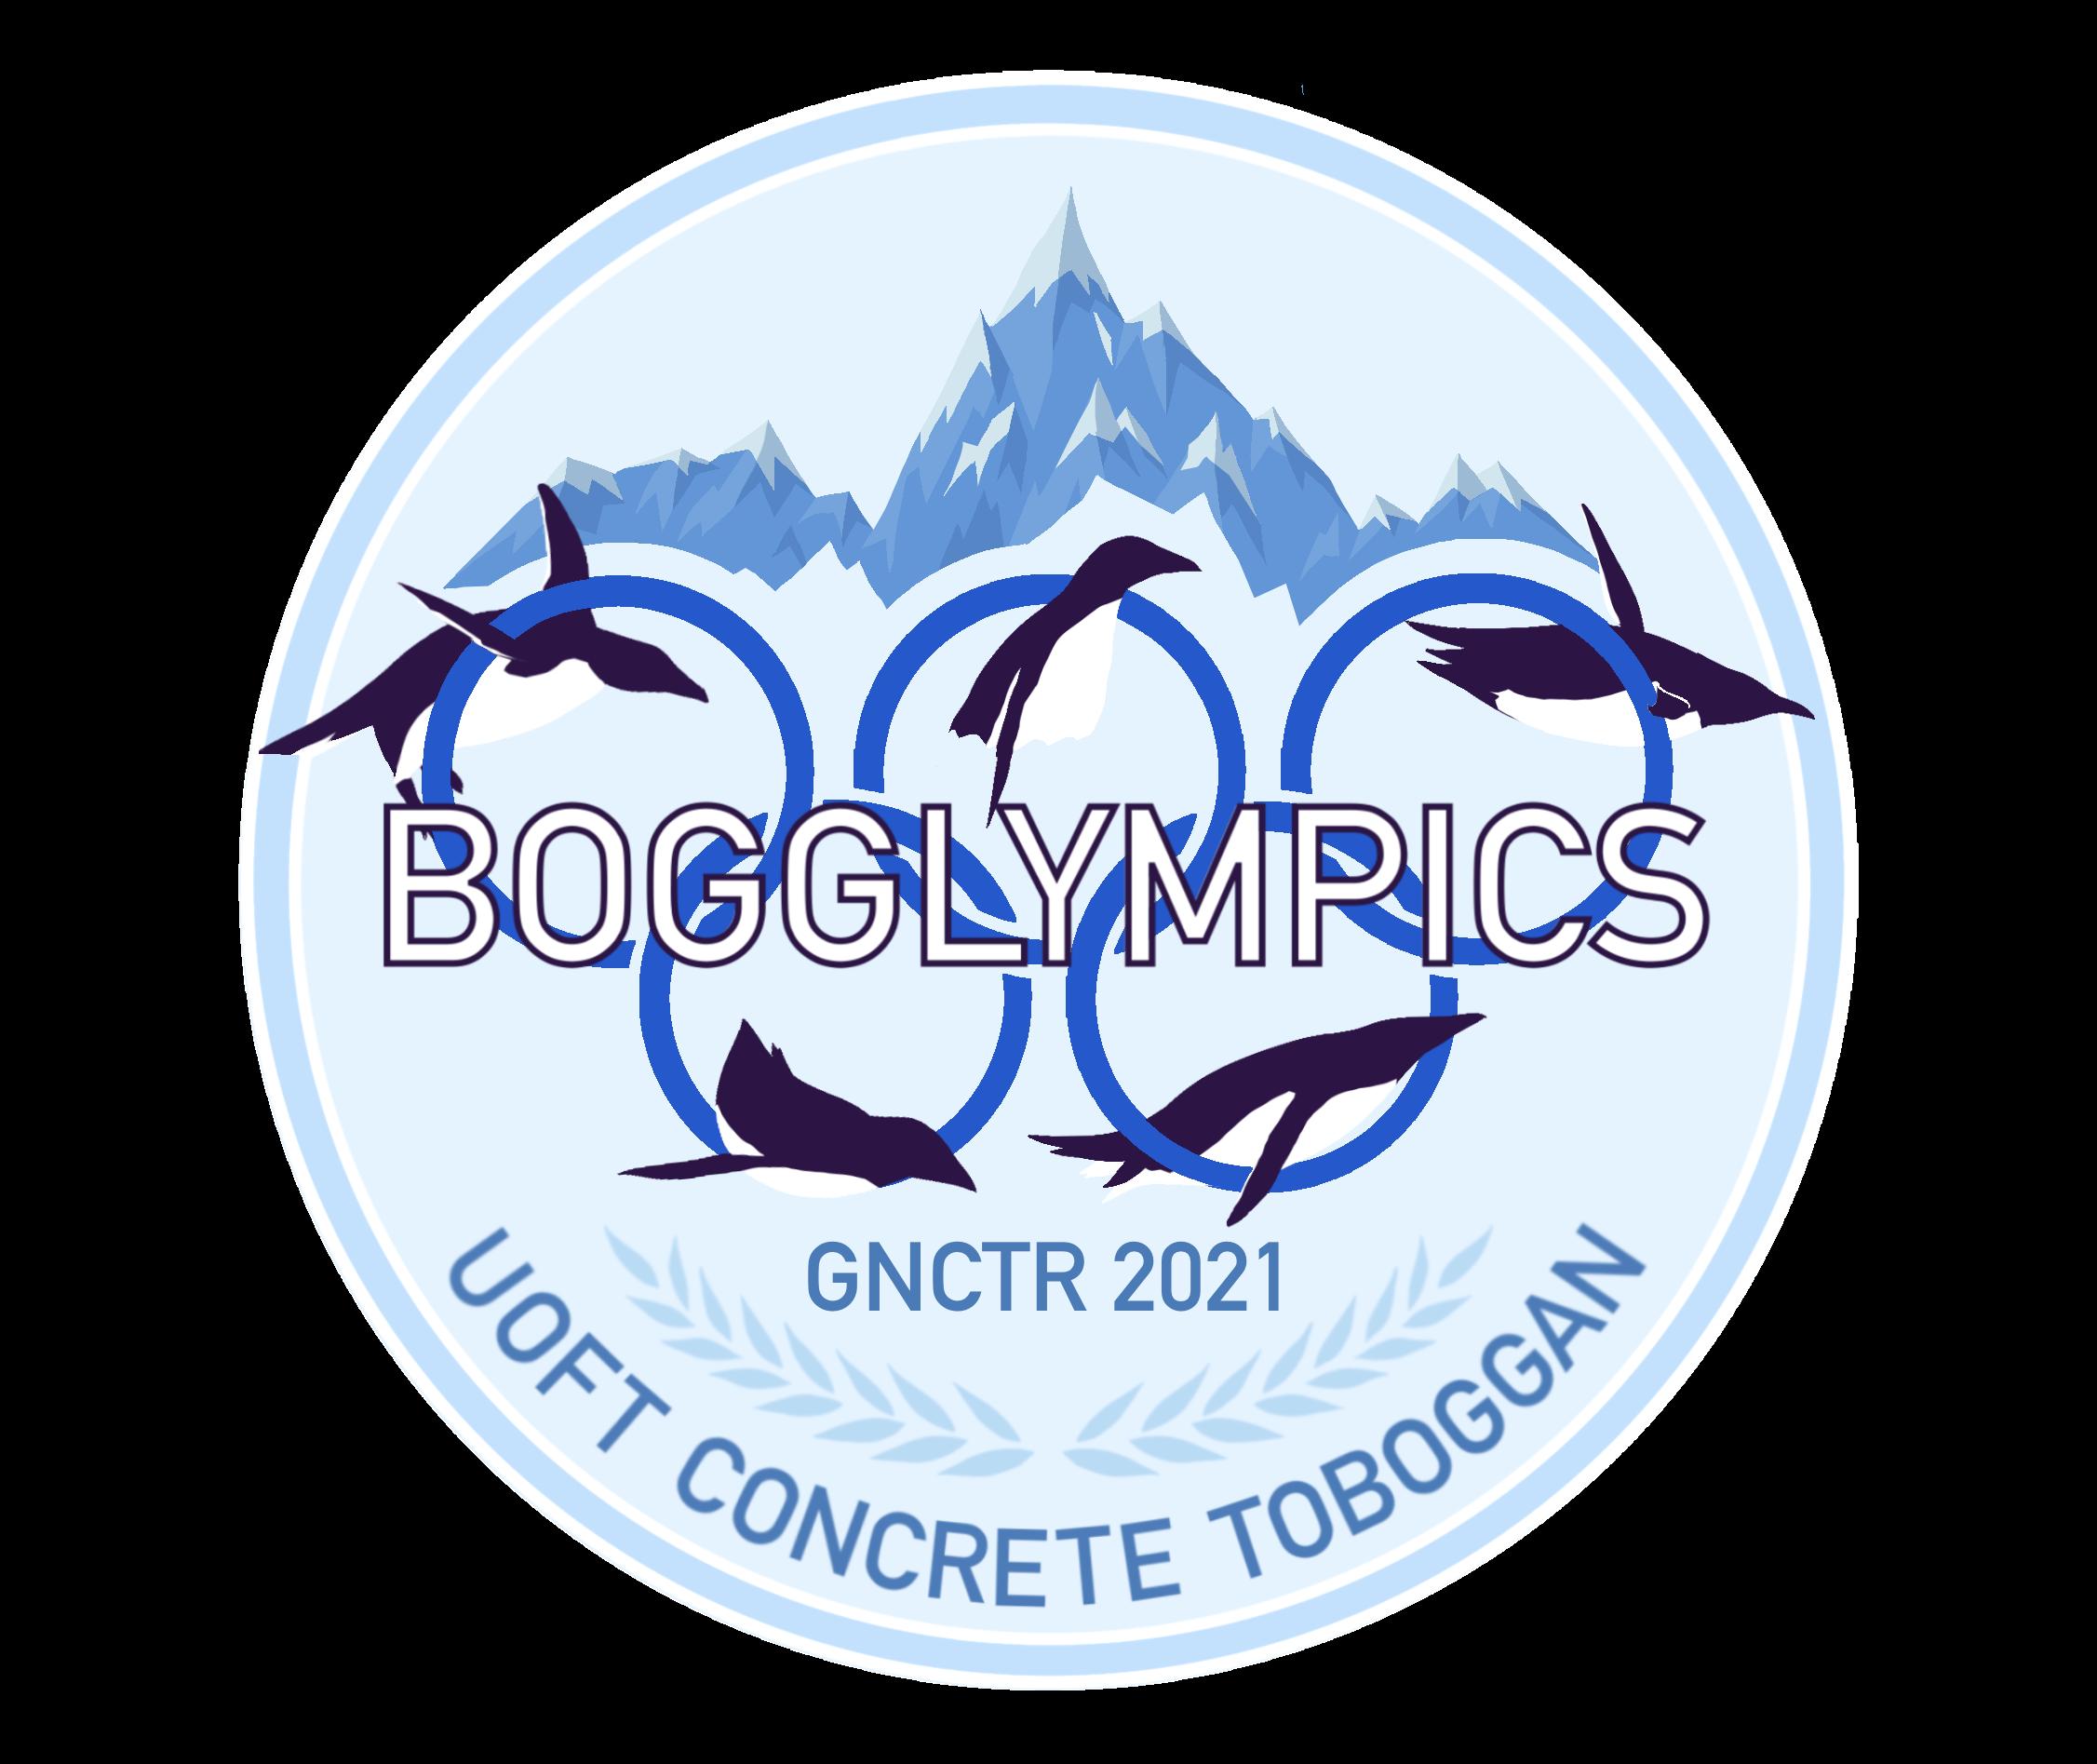 bogglympics logo